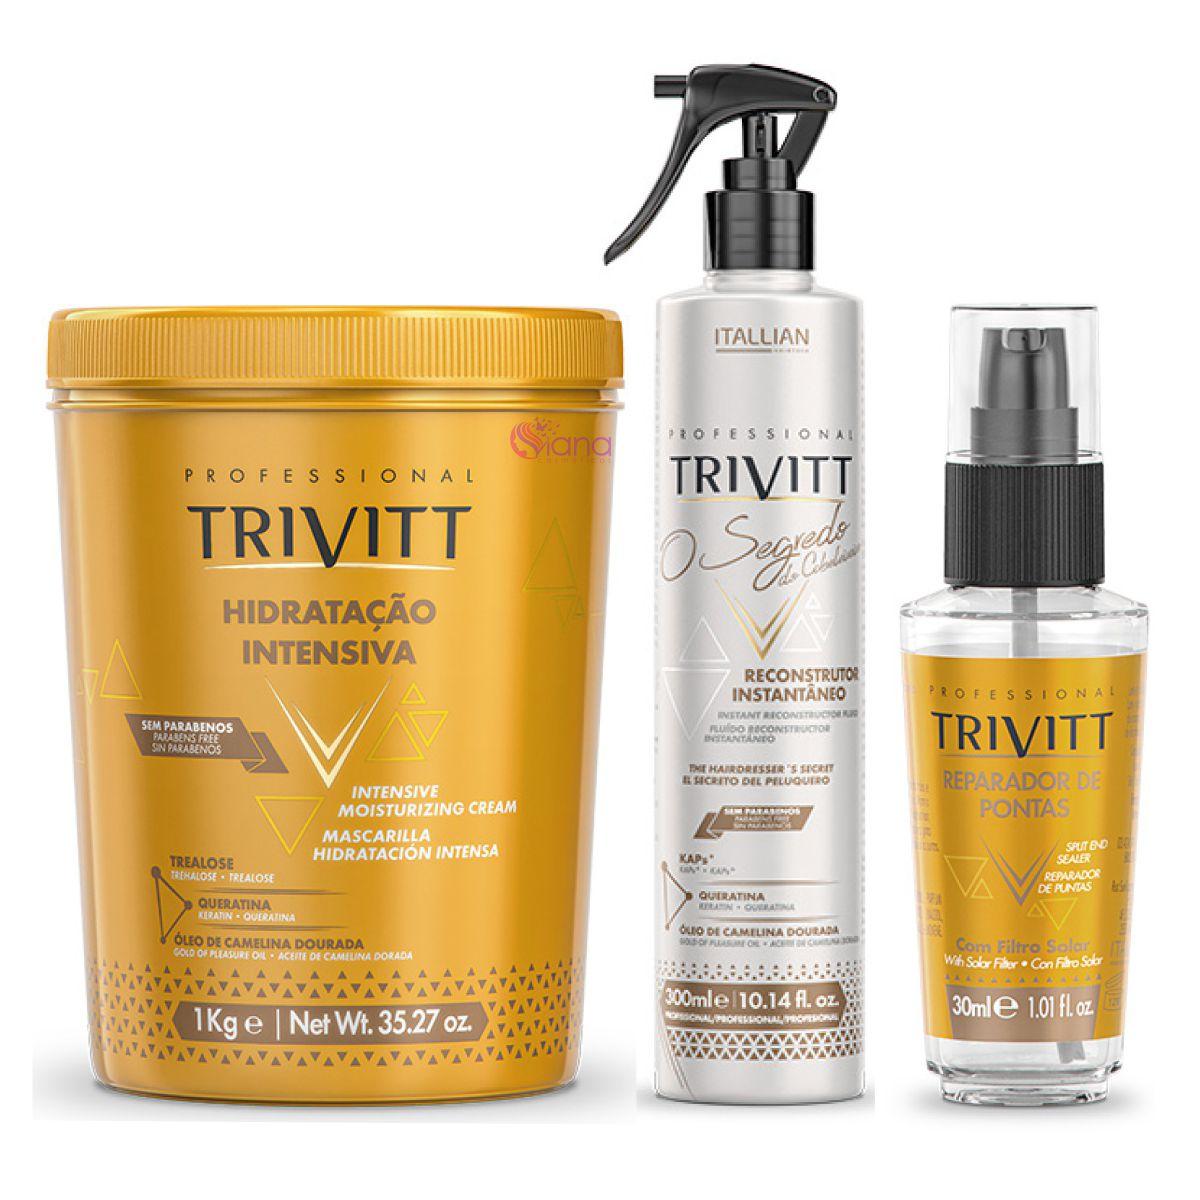 Kit Hidratação e Reconstrução Profissional Trivitt c/ reparador de pontas